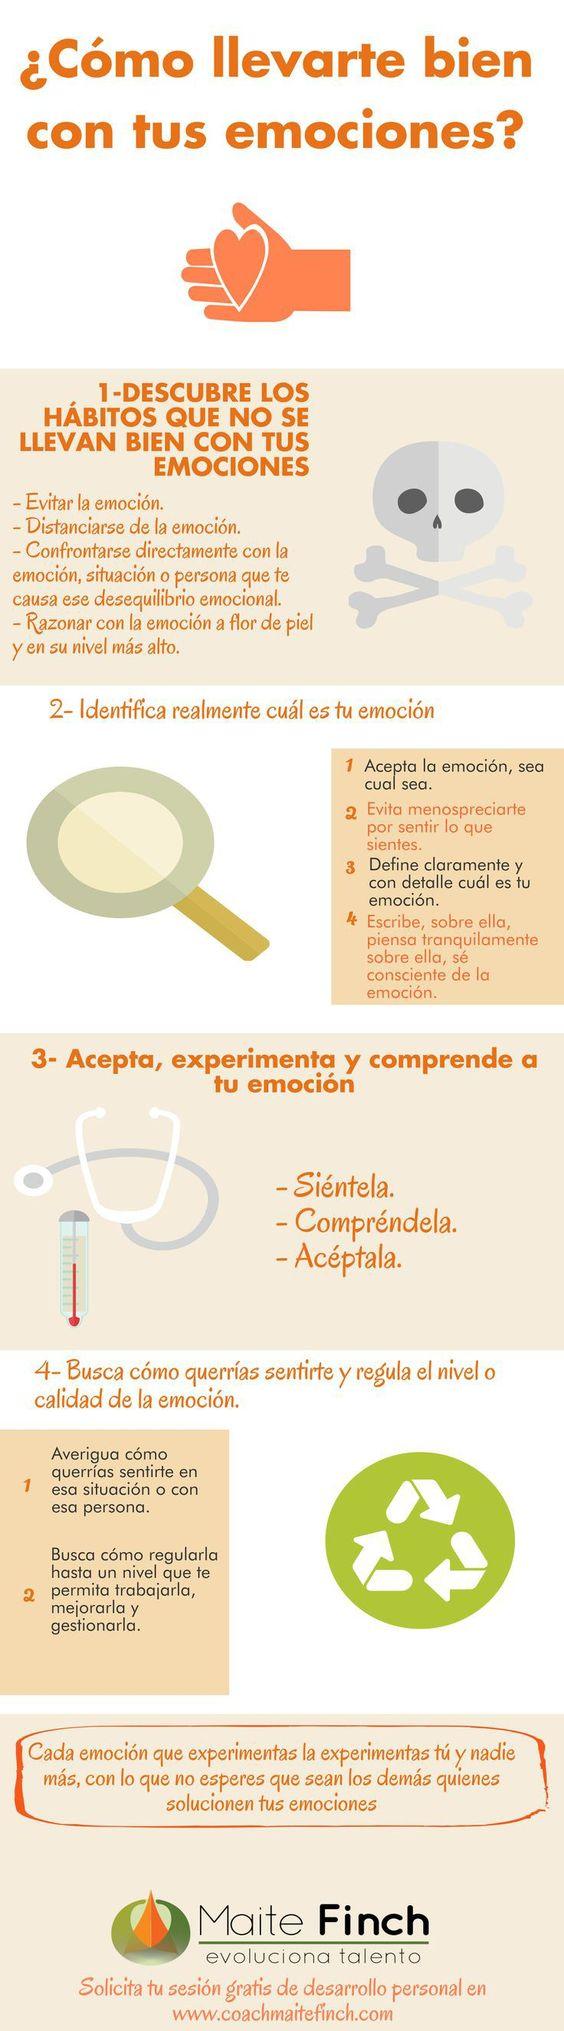 Cómo llevarte bien con tus emociones #infografia #infographic #psychology: